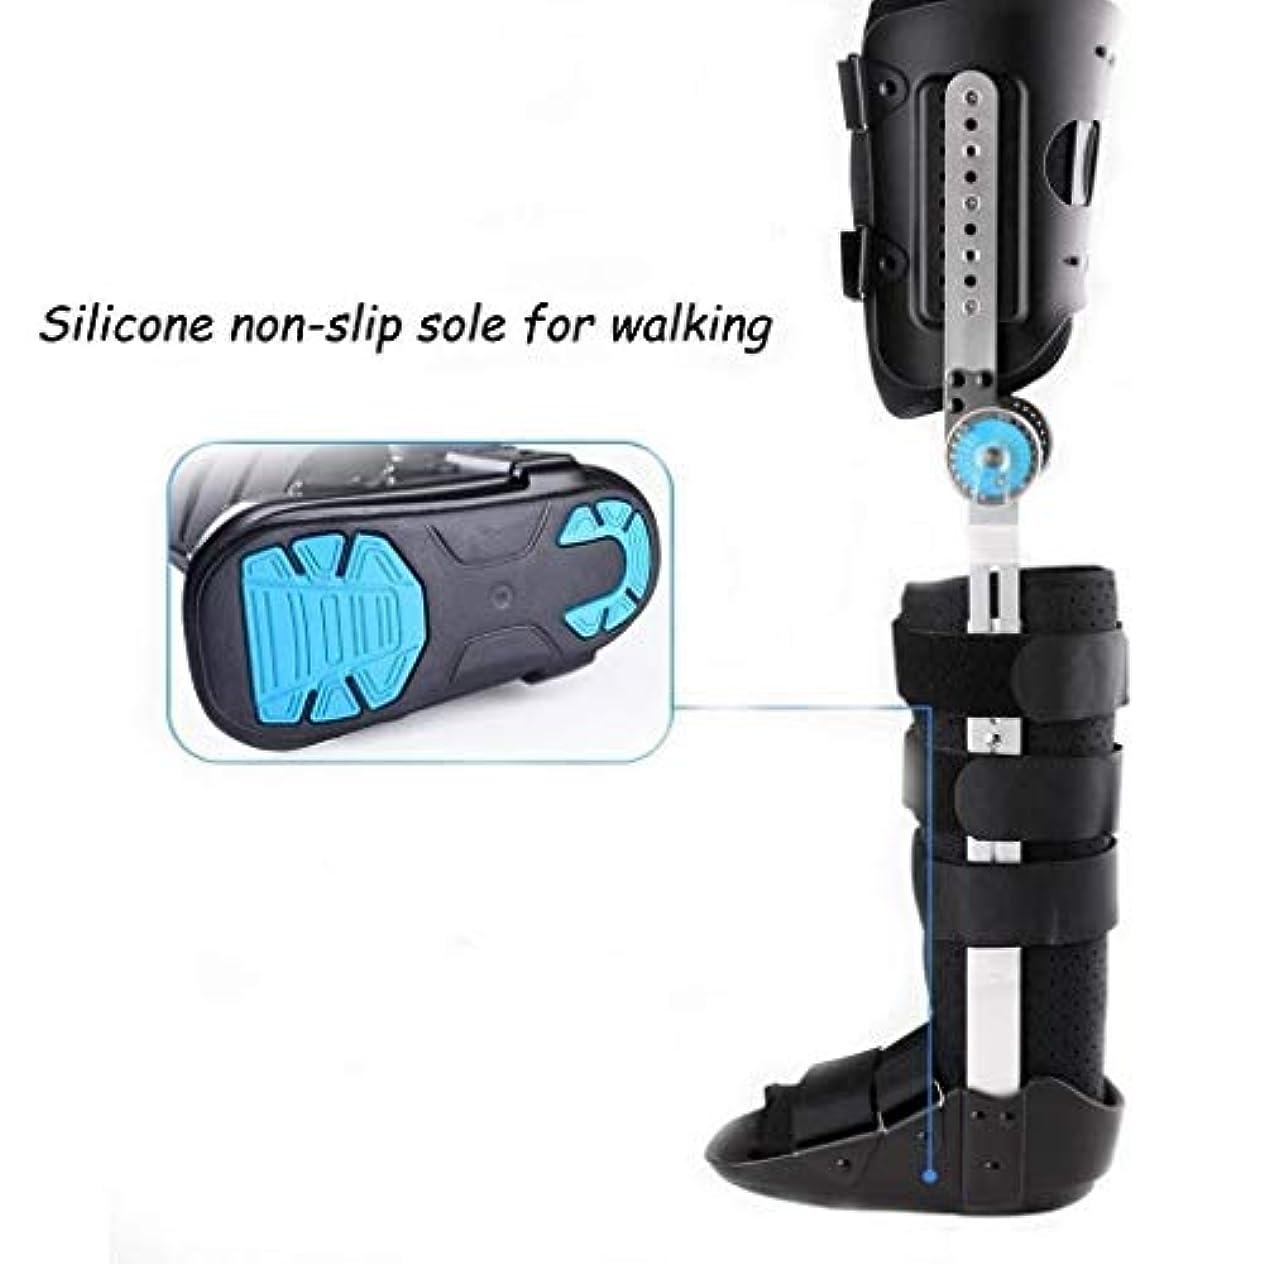 安価な物質アンタゴニスト膝ブレースヒンジ付きヒンジスタビライザー膝関節サポート装具靭帯ケア膝ブレースプロテクター関節炎、術後、メニスカスティア、ACL、MCL、PCL (Color : As Picture, Size : Right-M)